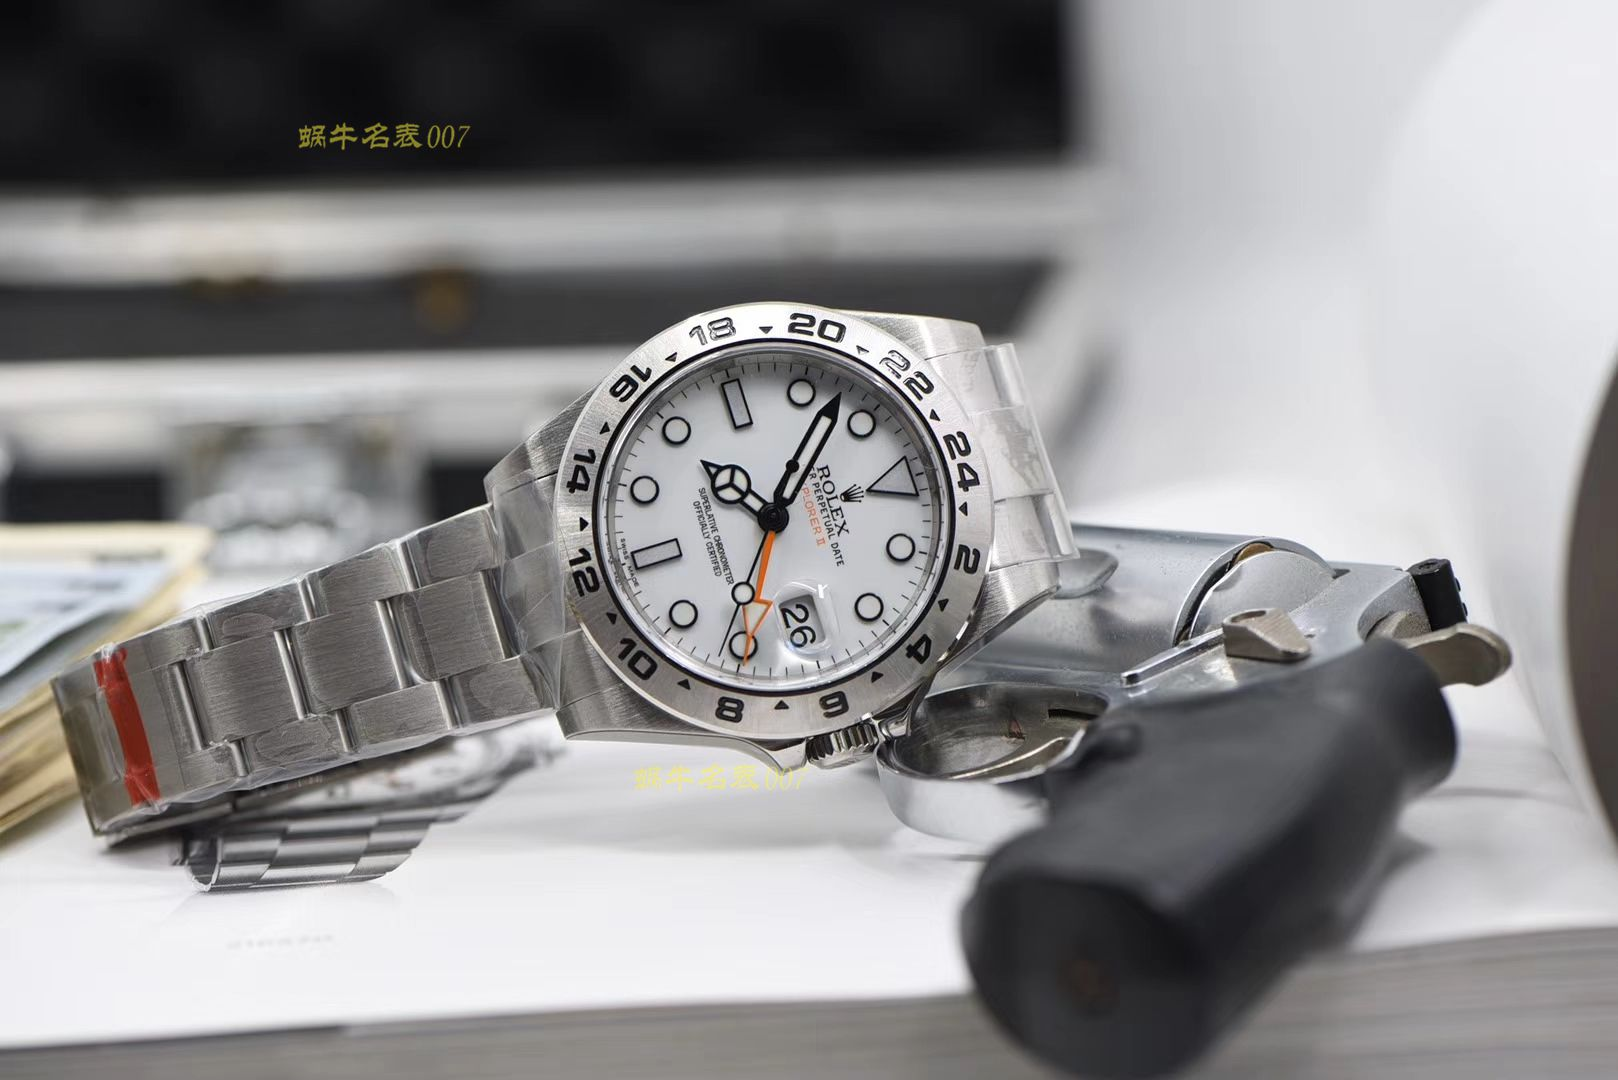 劳力士探险家型系列m216570-0001 白盘腕表一比一超A高仿【N厂探险家二代超级3187自动机械机芯】 / R316